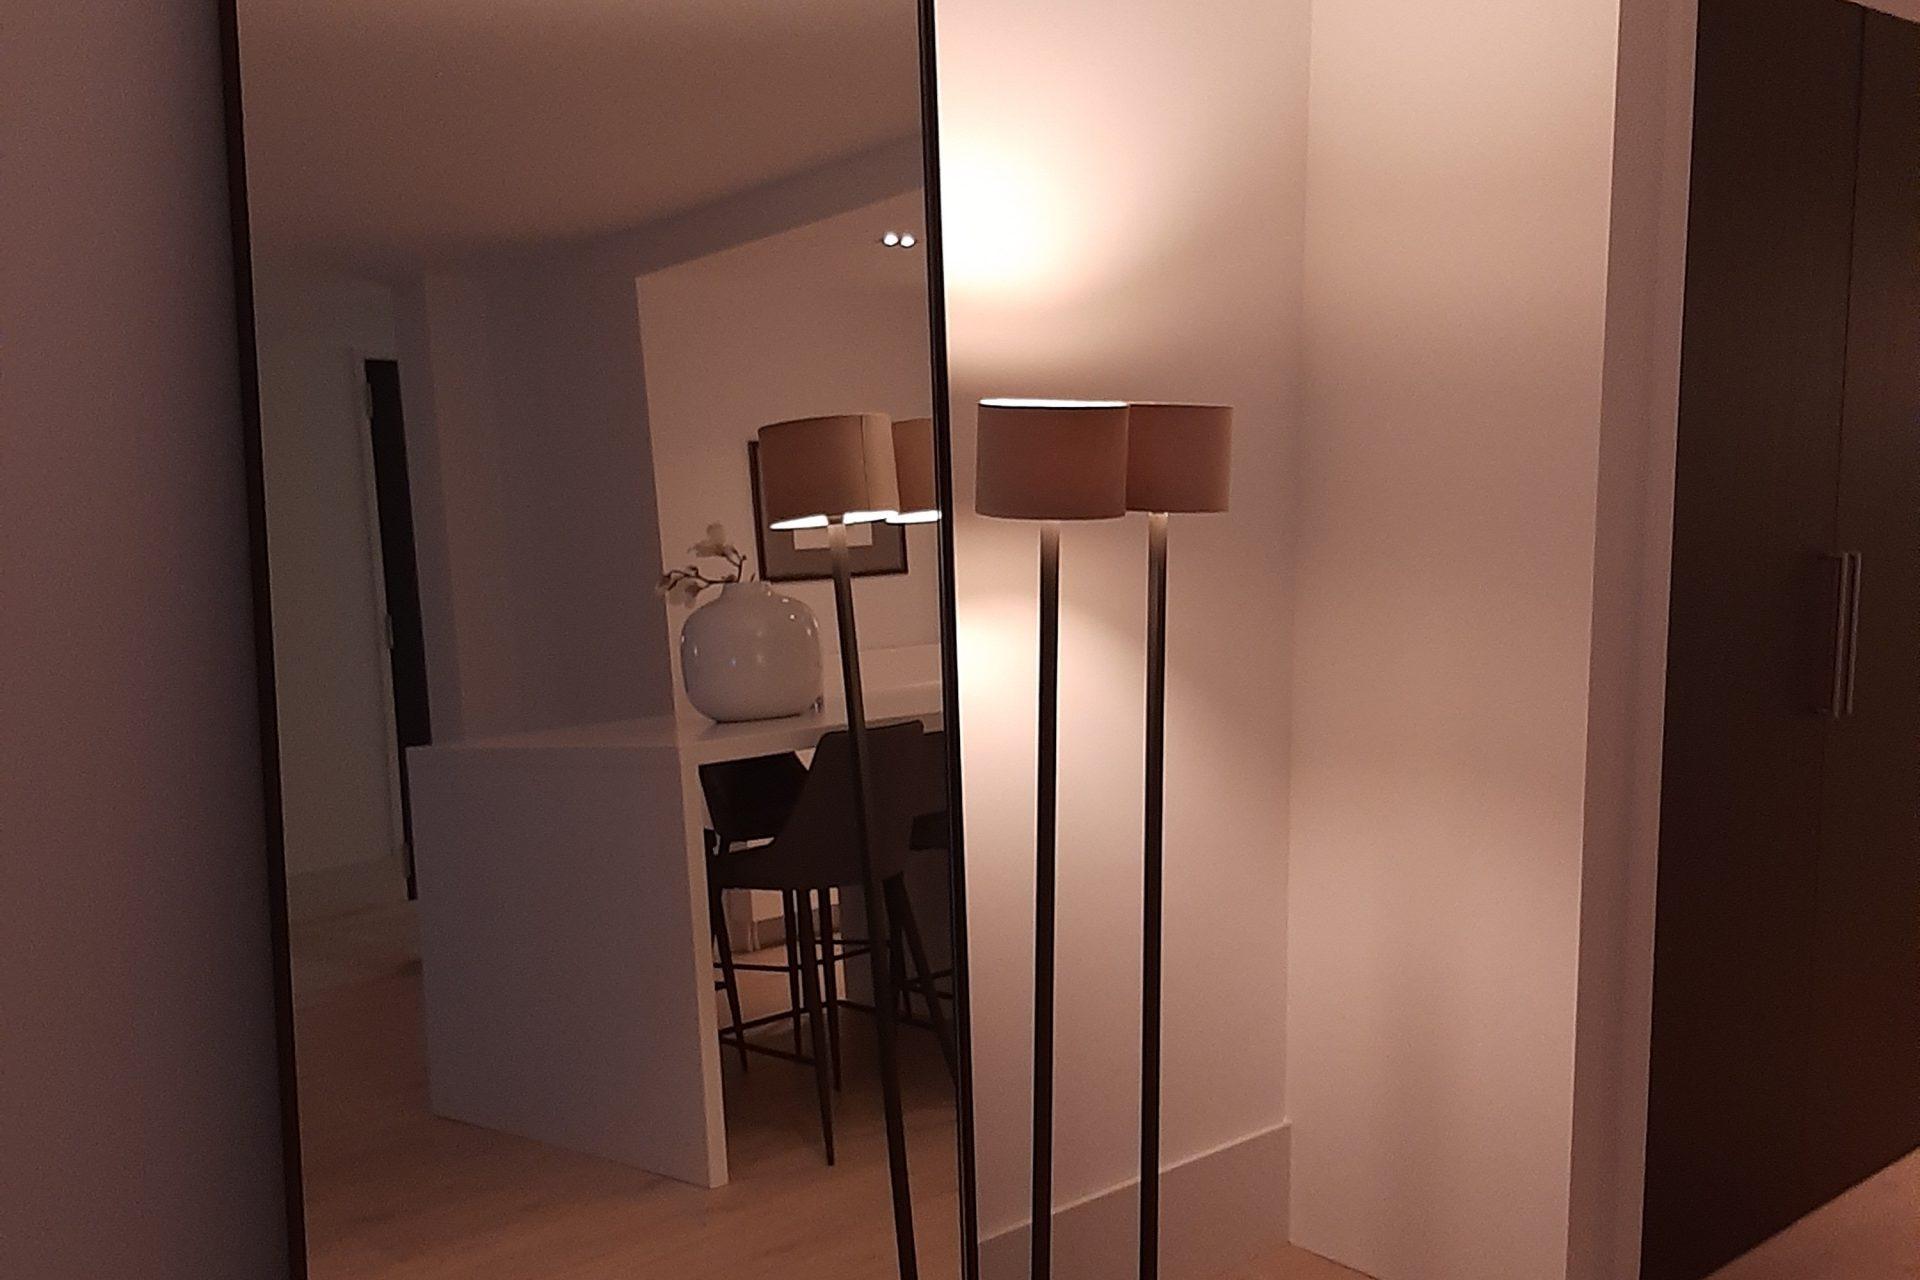 Zwarte spiegel met ronde hoeken